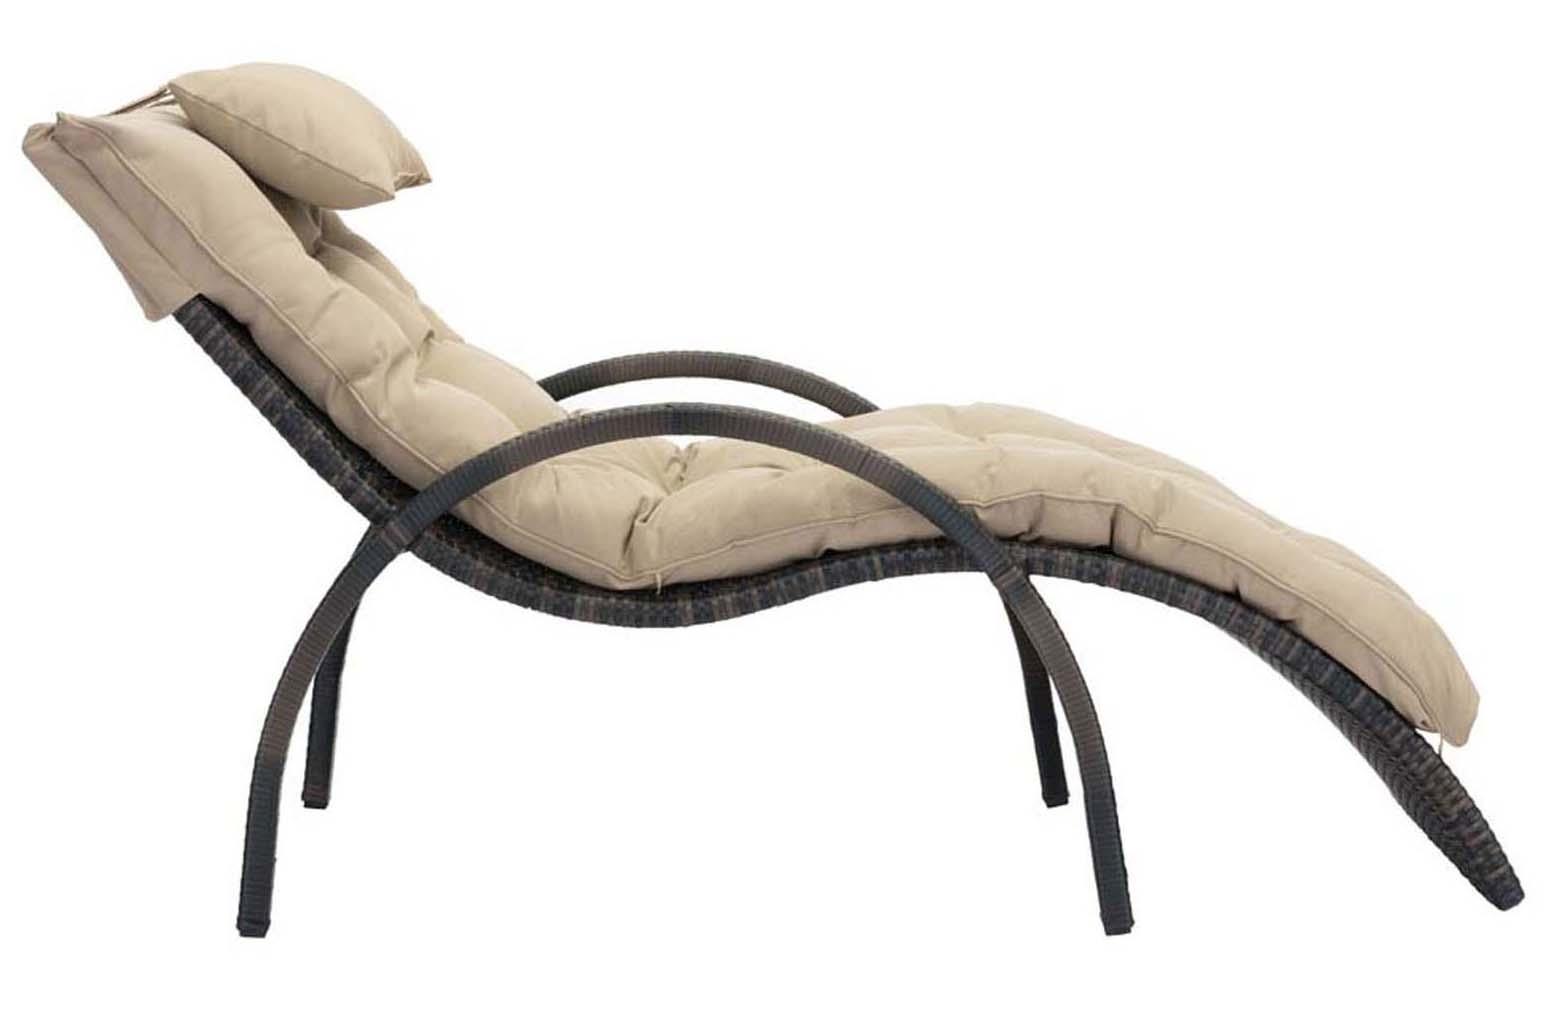 eggertz beach chaise lounge